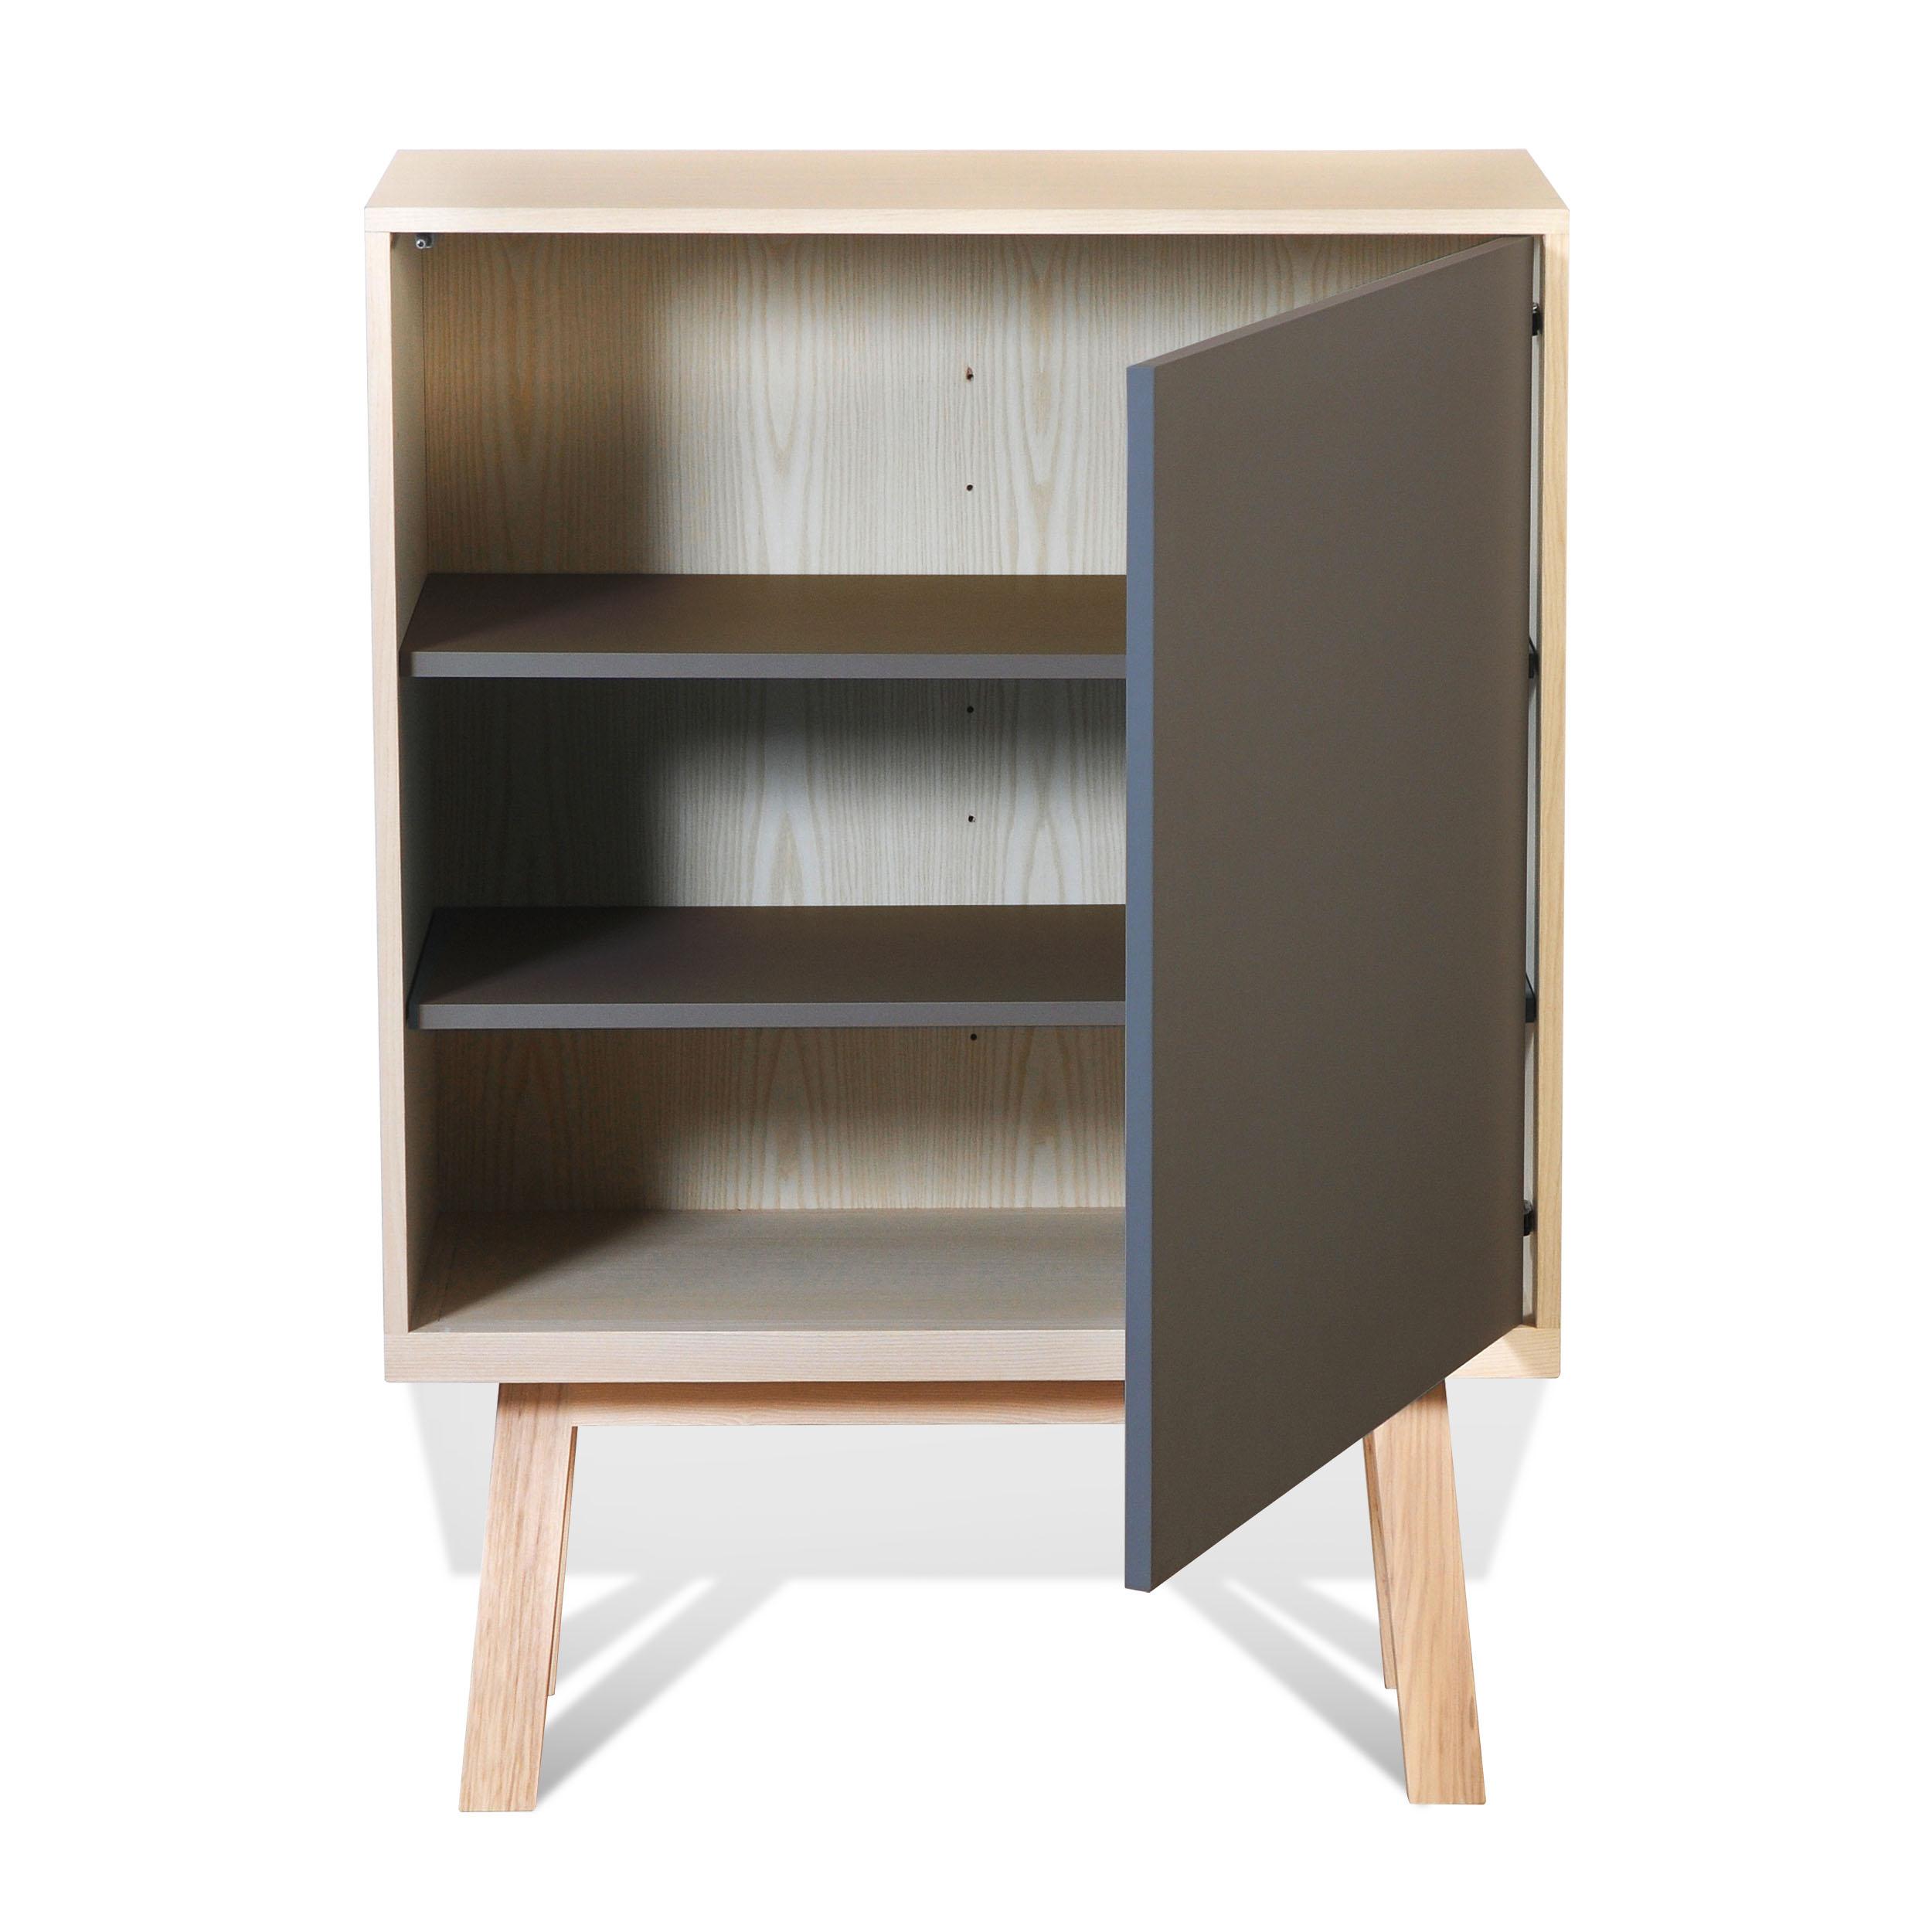 Armoire 1 porte en bois gris chocolat tanis (photo)